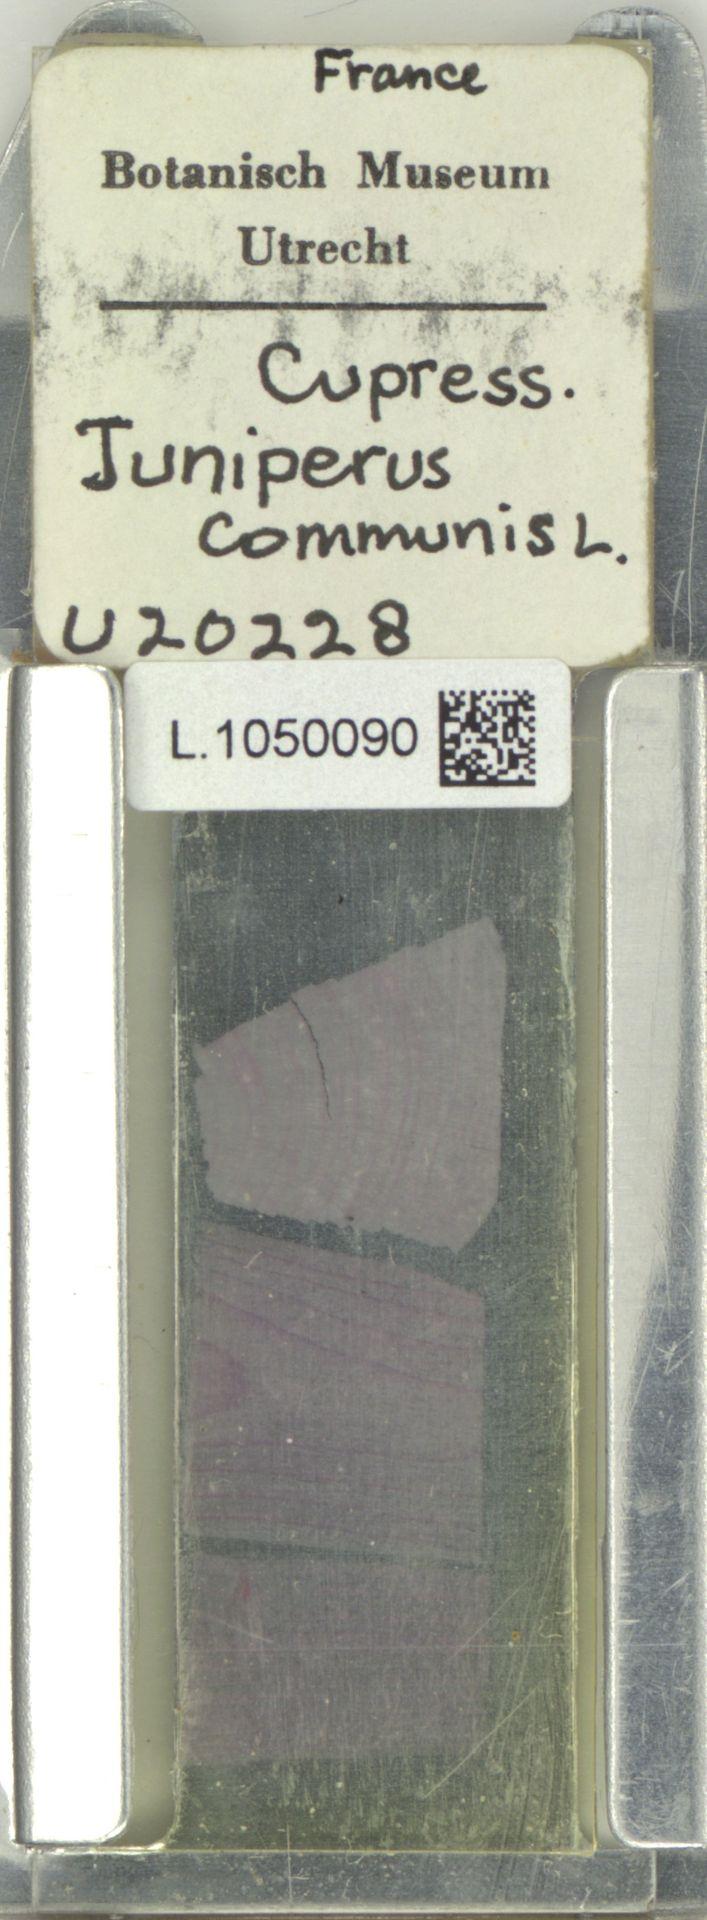 L.1050090 | Juniperus communis L.